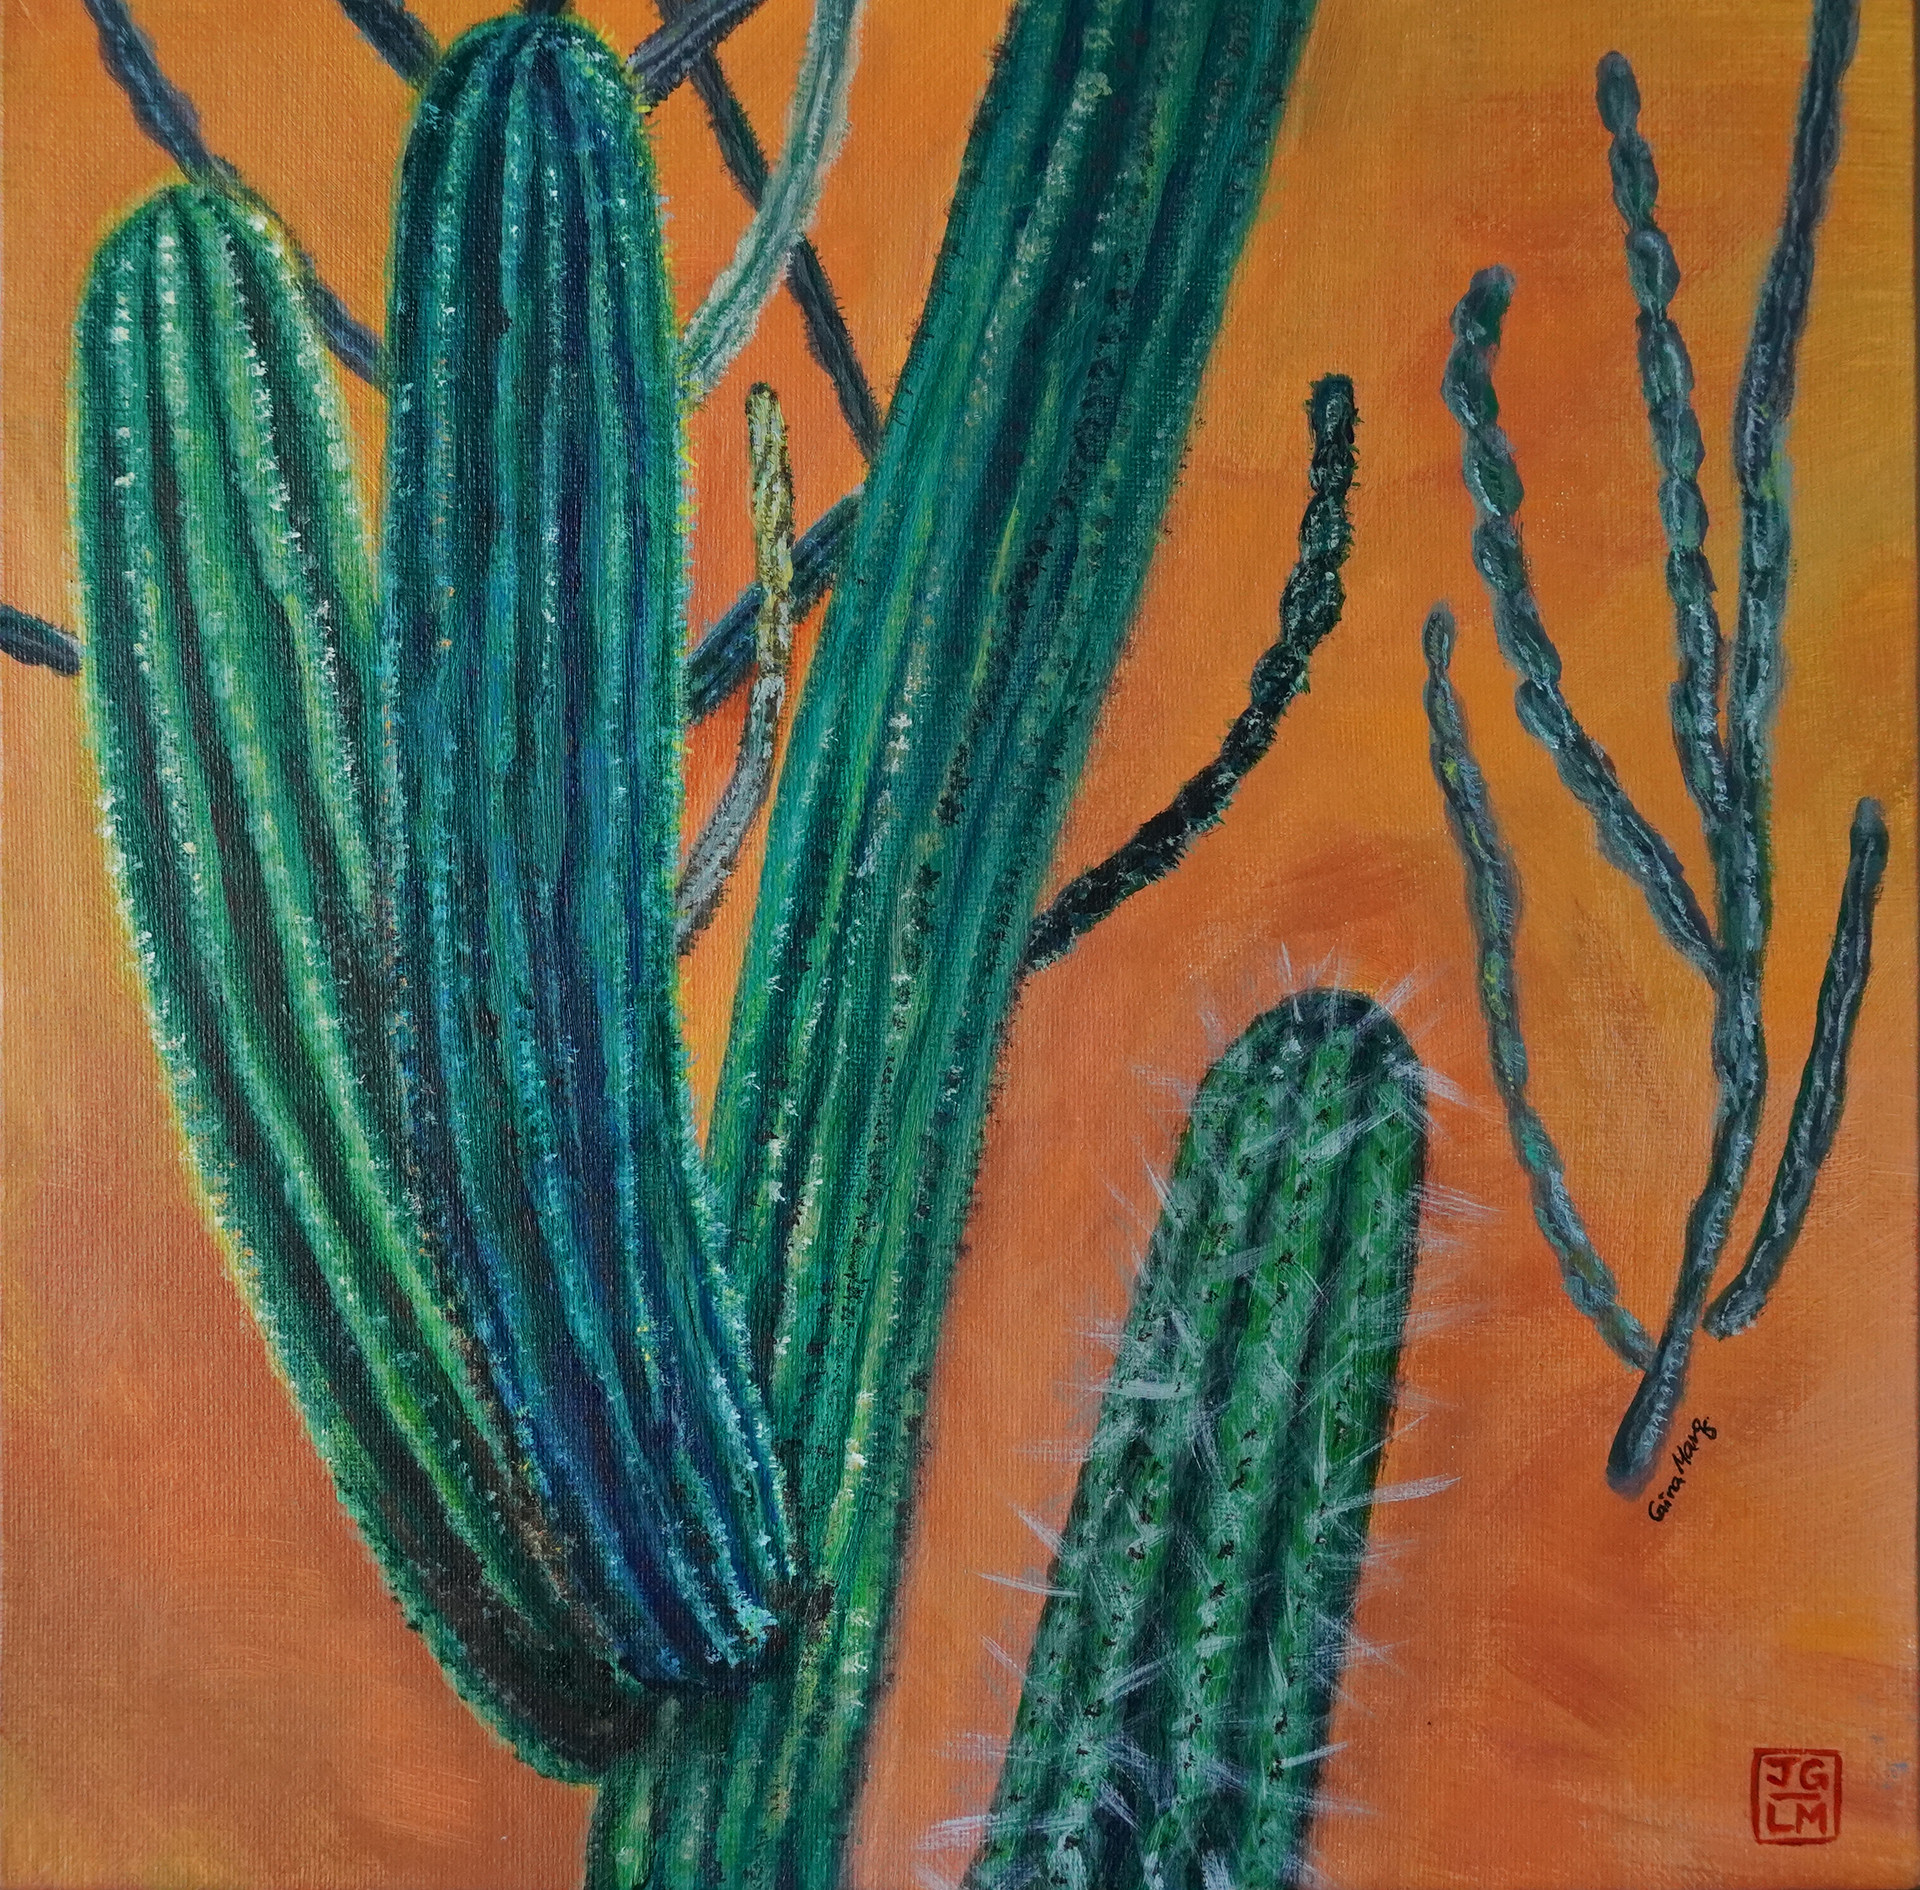 Cactus v.1